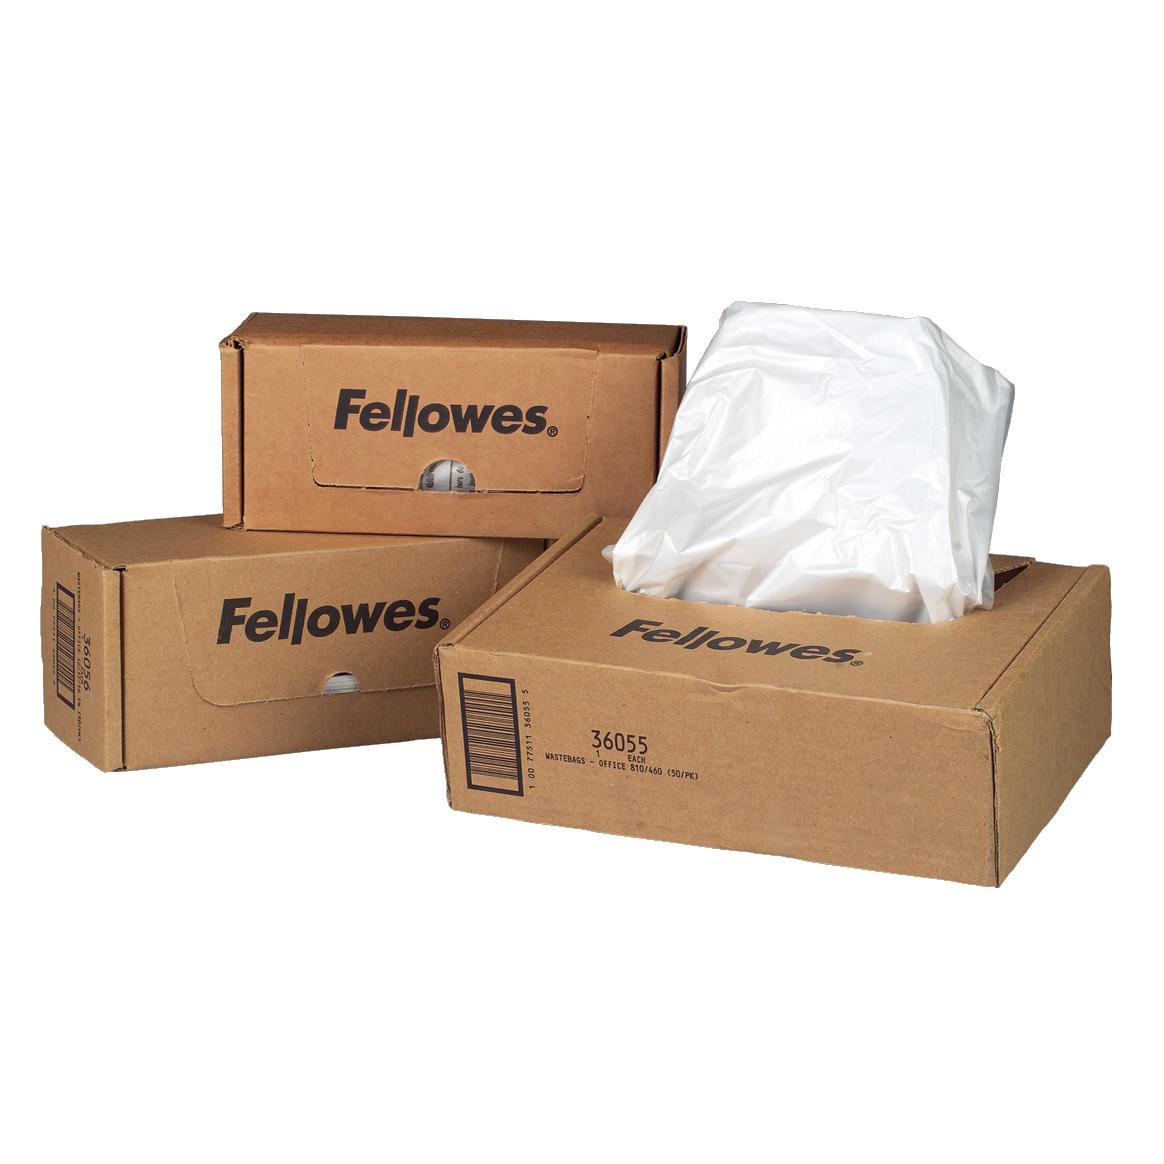 Image for Fellowes Shredder Bags Capacity 23-28 Litre [for SB-87Cs Series] Ref 36052 [Pack 100]